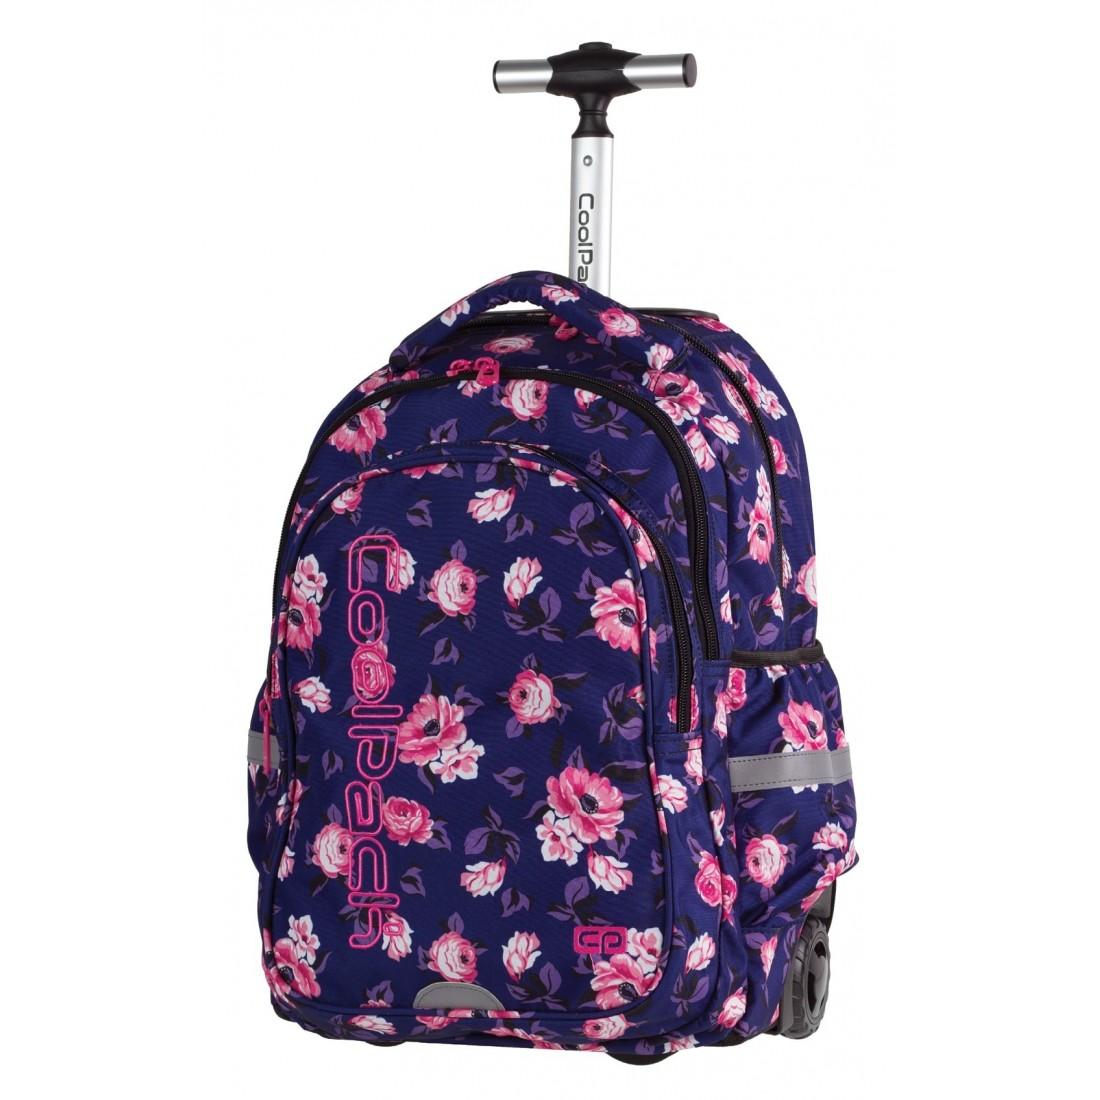 31b87042dcac2 Plecak na kółkach CoolPack CP granatowy w róże JUNIOR ROSE GARDEN 1071 dla  dziewczynki